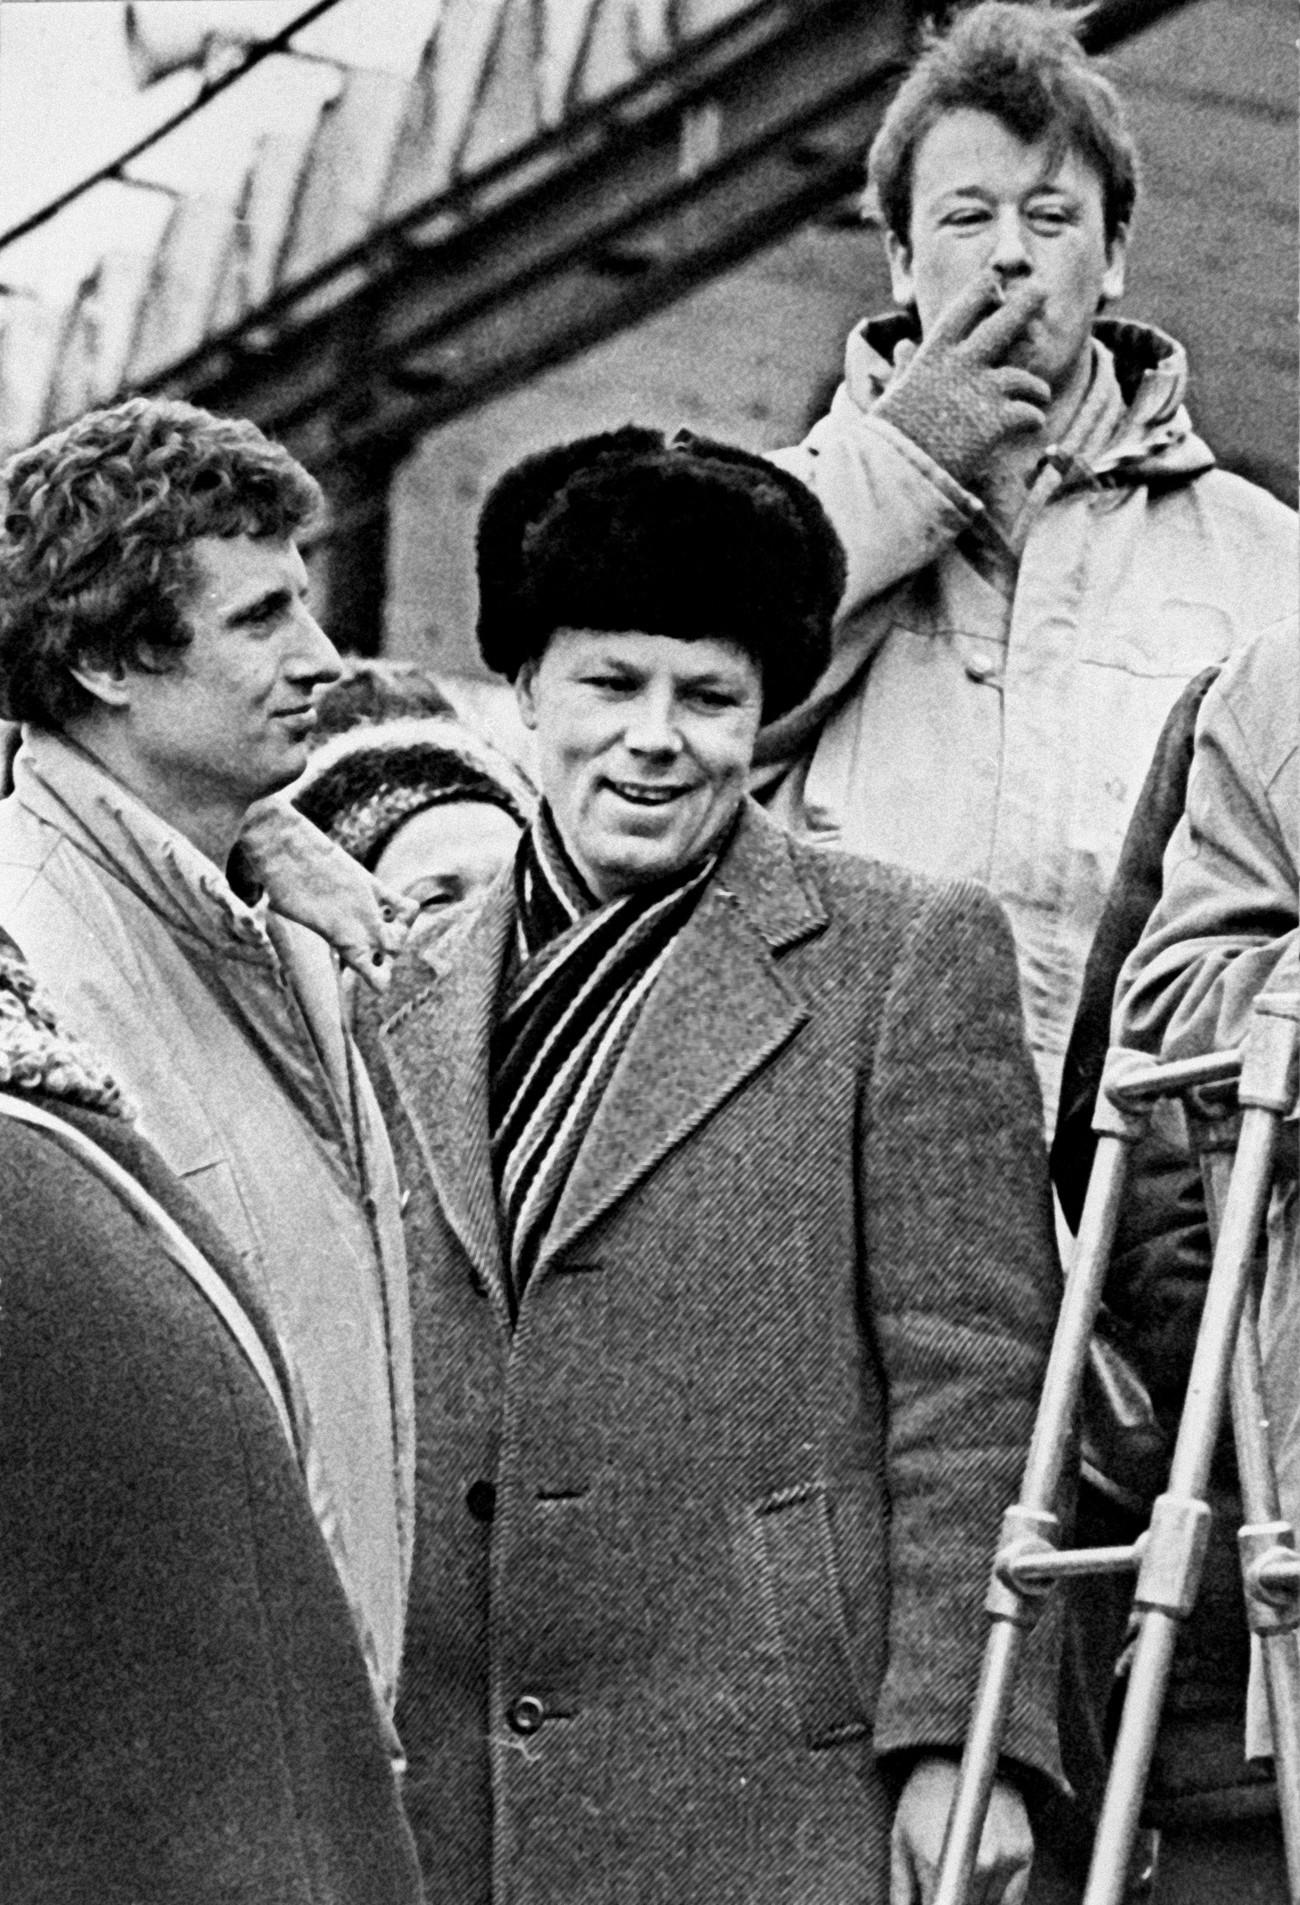 Aleksandr Chmonov (centro) durante campanha eleitoral em Kolpino, no subúrbio de Leningrado, no primeiro semestre de 1990.